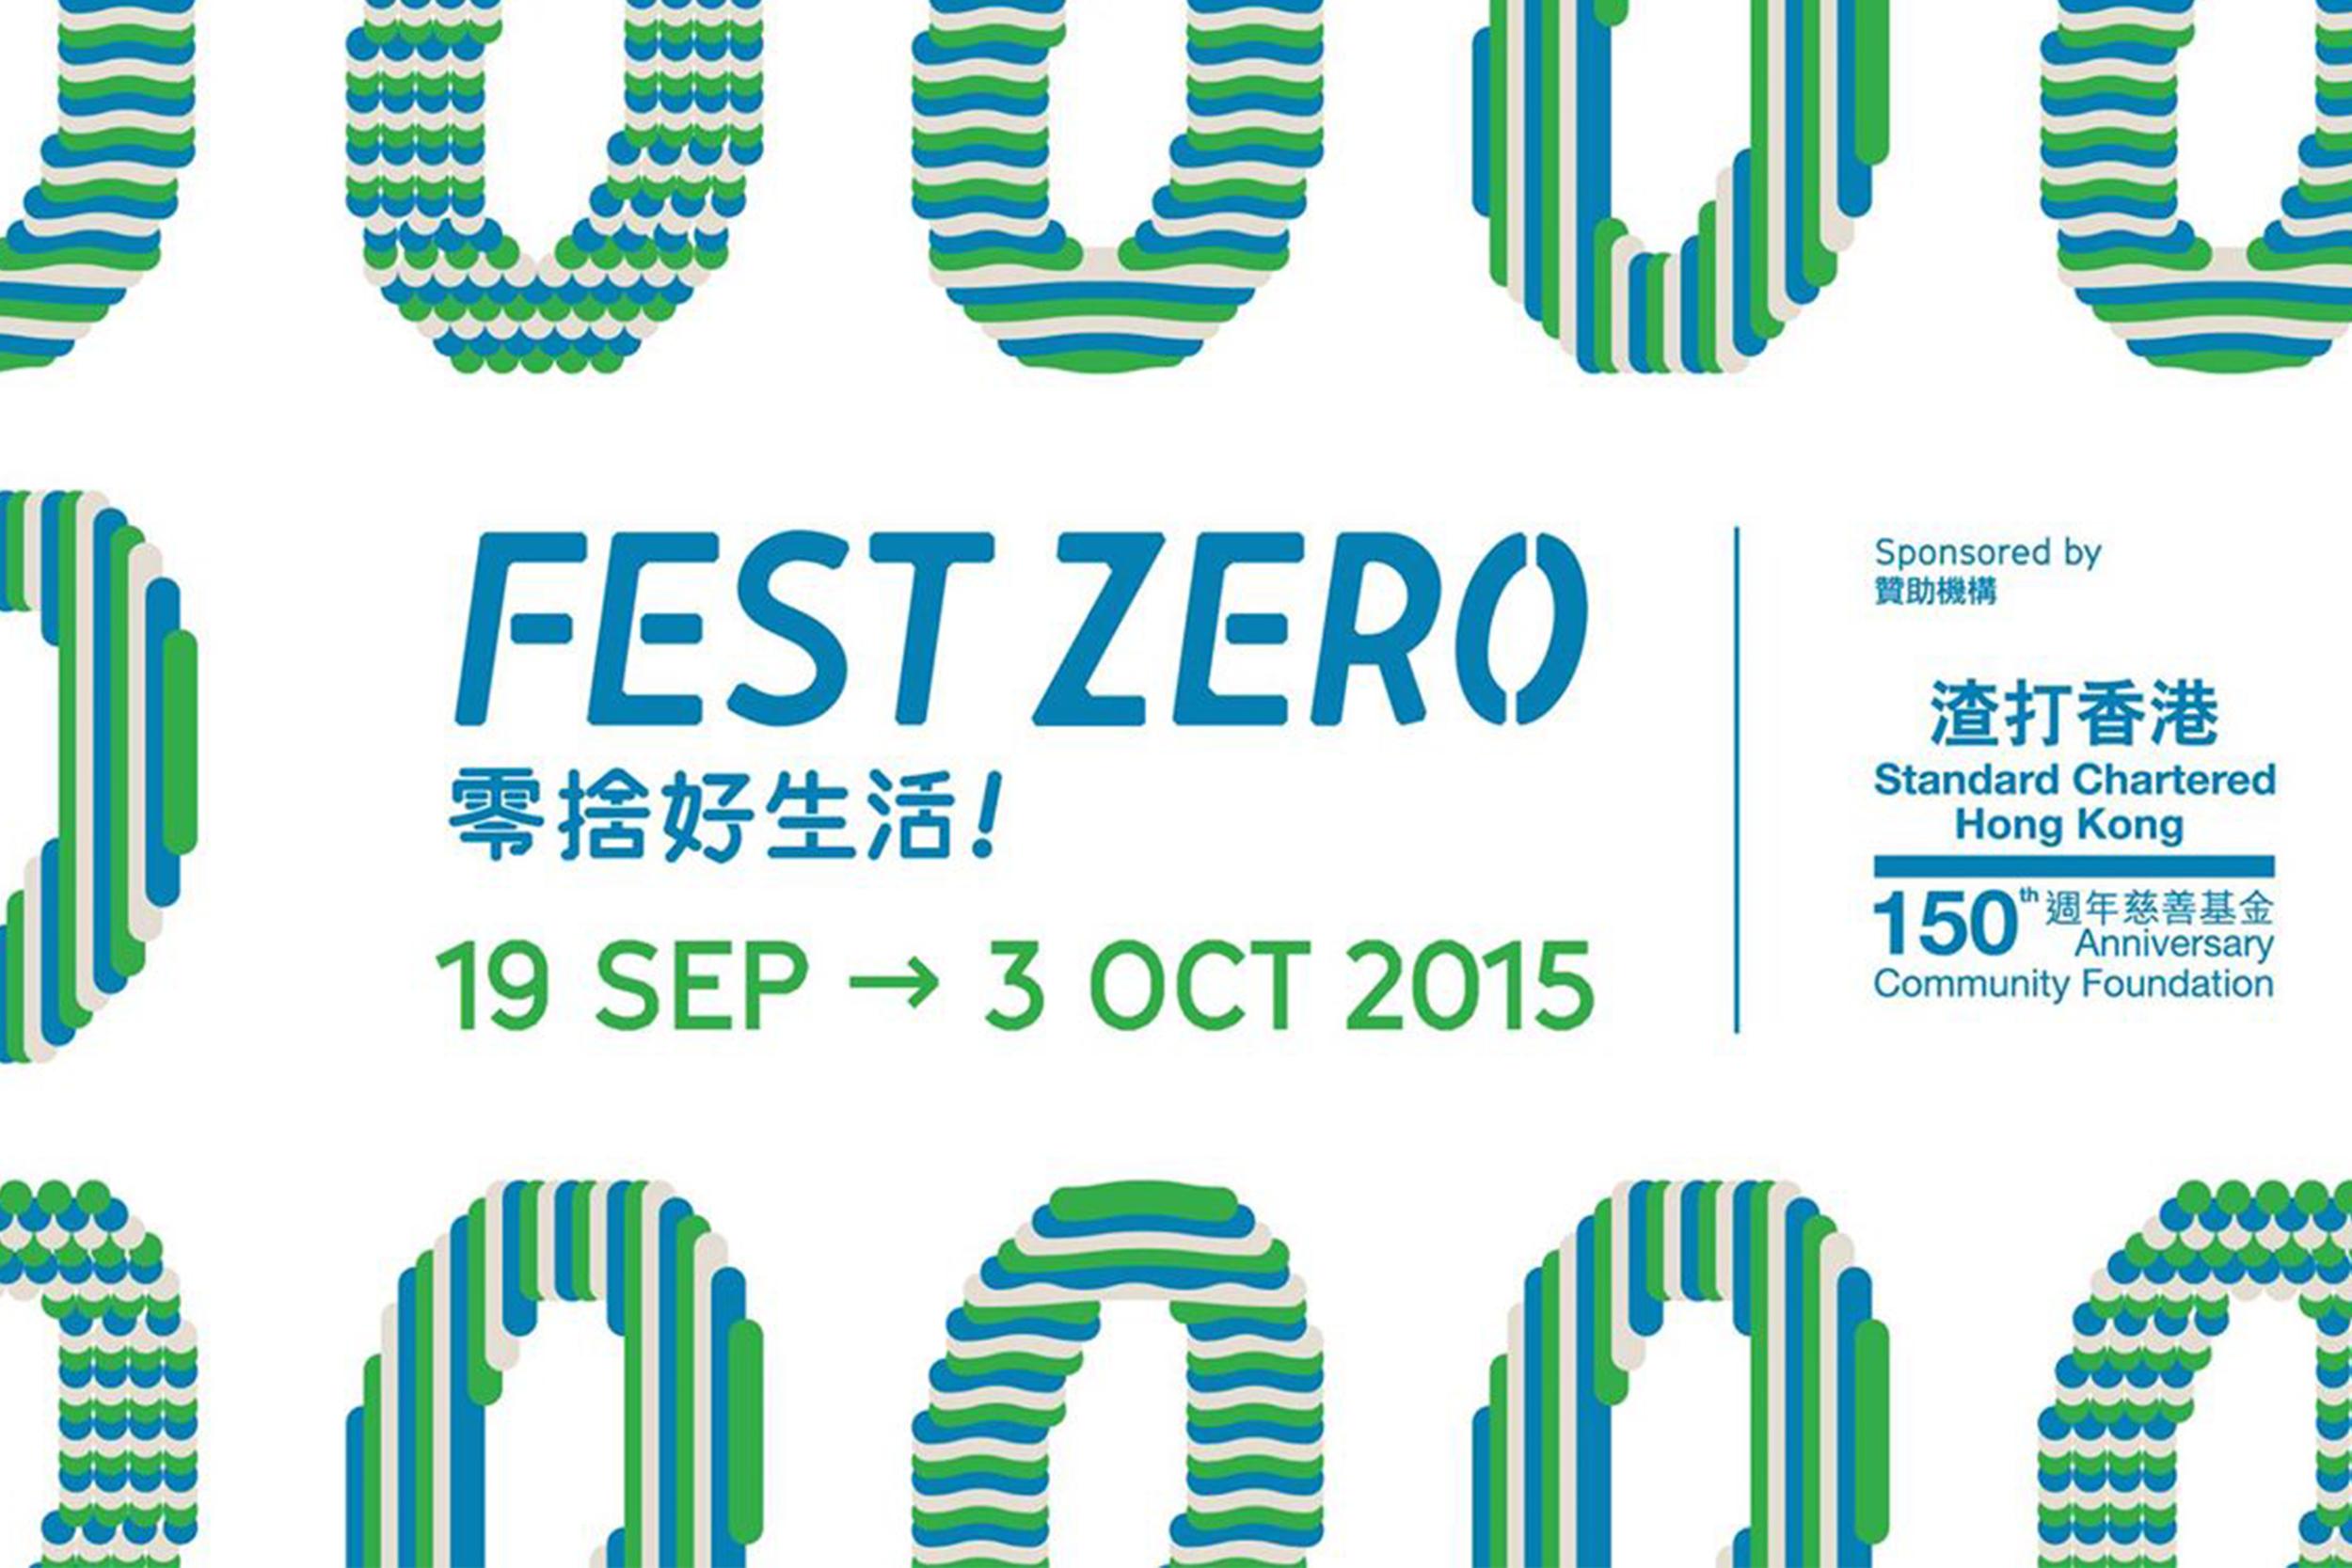 Fest Zero 2015